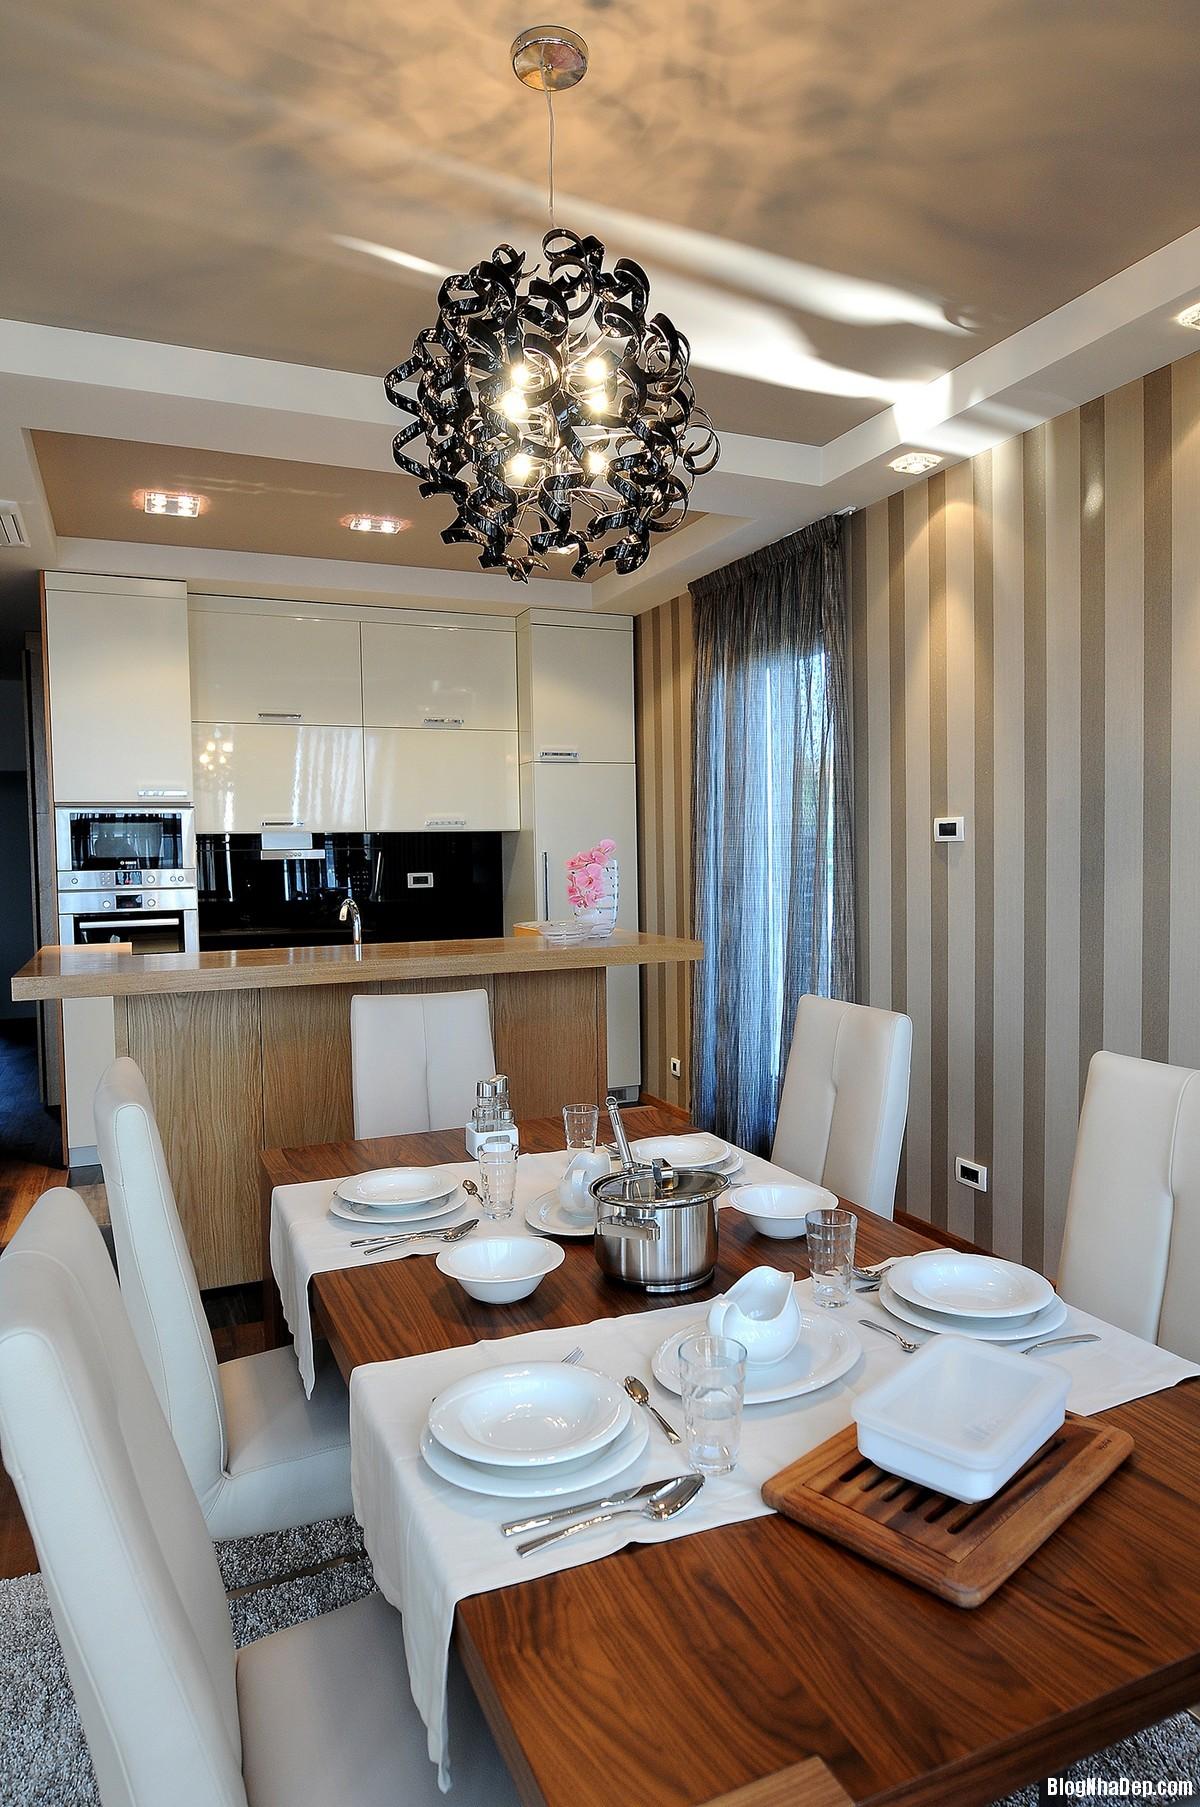 Mau Thiet Ke Nha Dep Belgrade 0434 Nhà Penthouse Với Nội Thất Hiện Đại